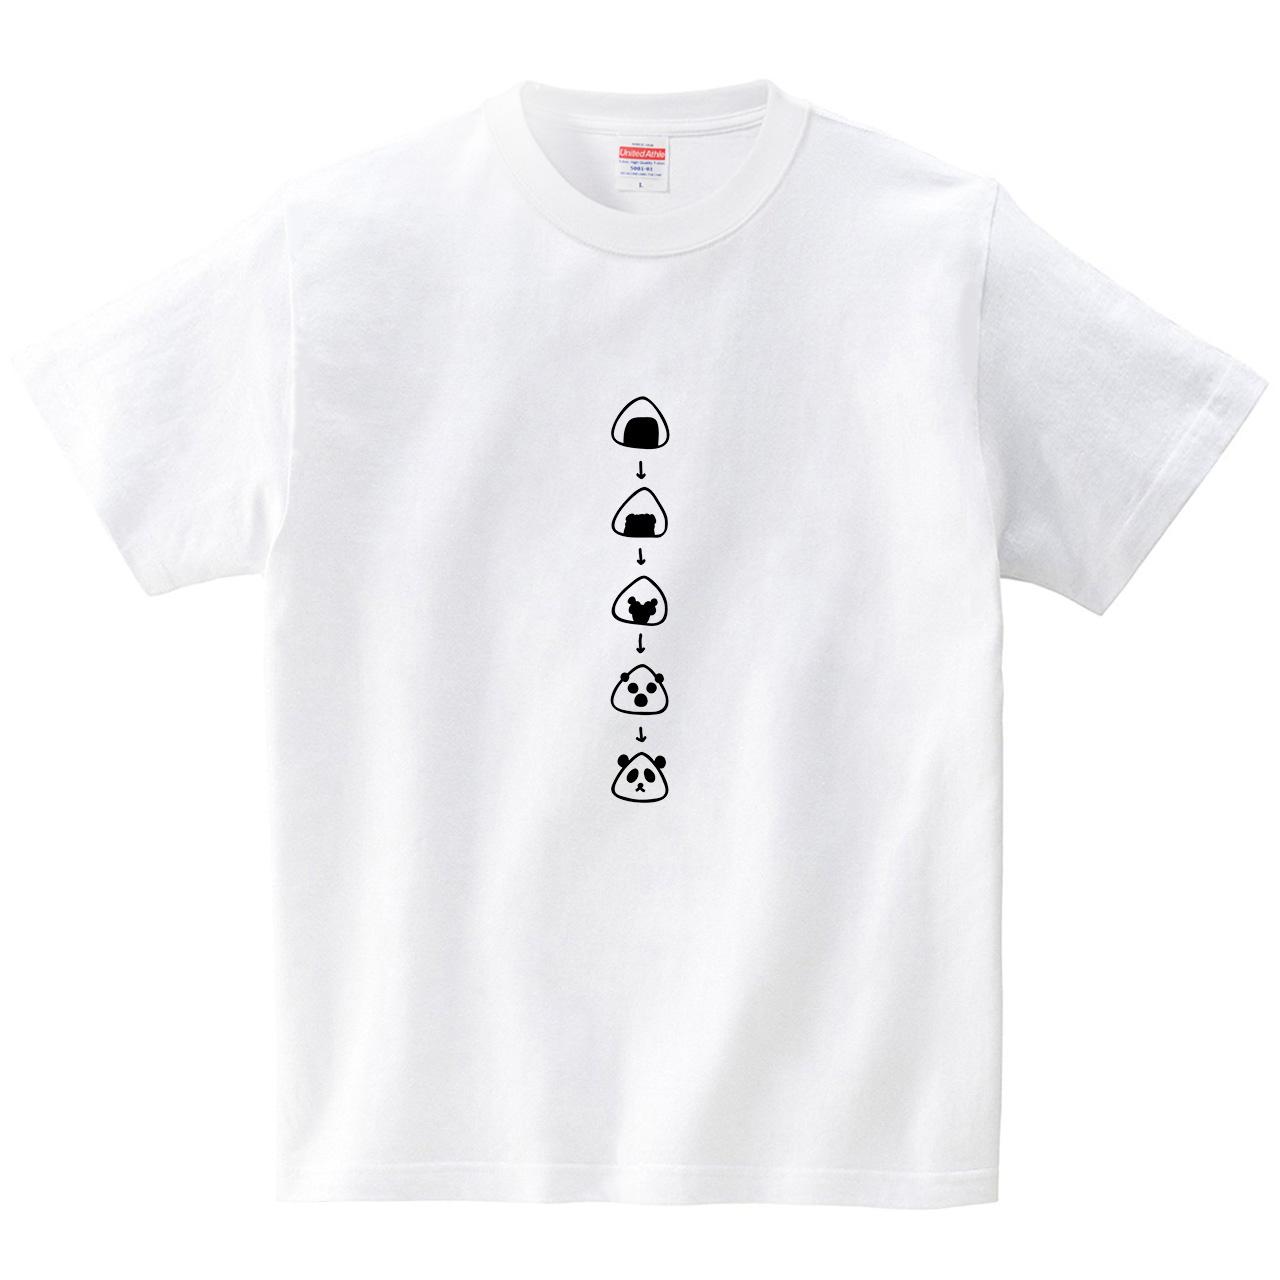 おにぎりからパンダ(Tシャツ・ホワイト)(オワリ)